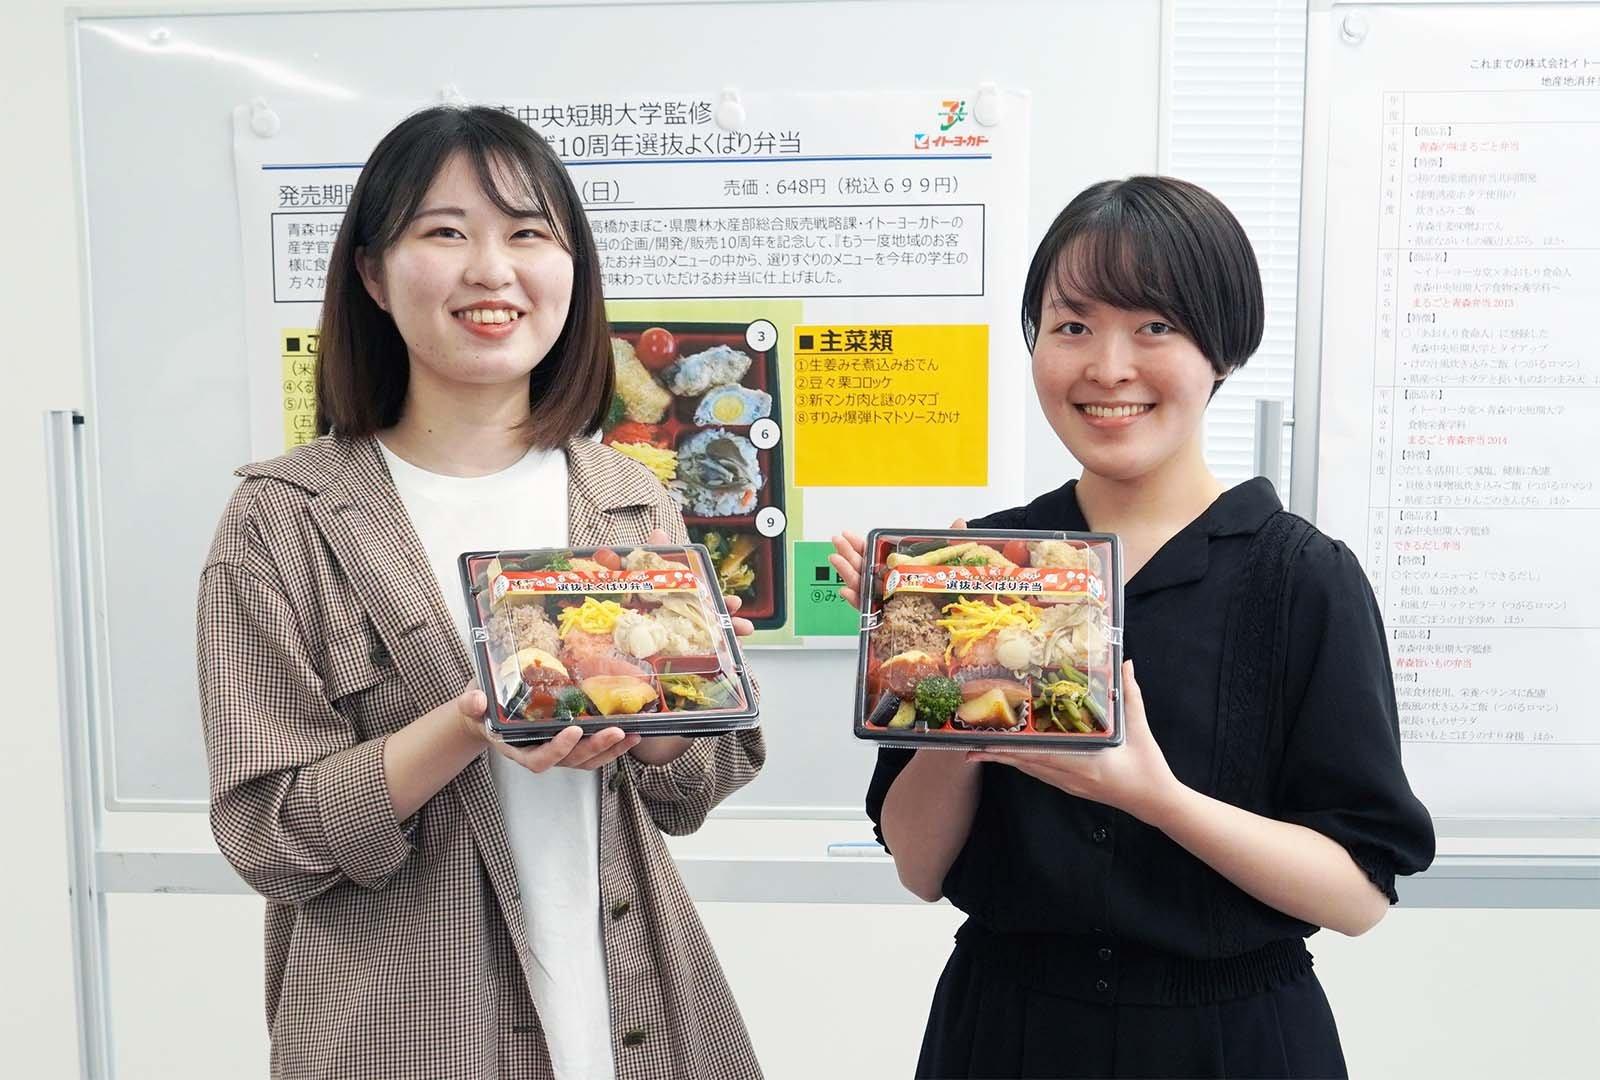 『祝!産学官コラボ10周年選抜よくばり弁当』がイトーヨーカドーで発売されます(9/8~9/12)